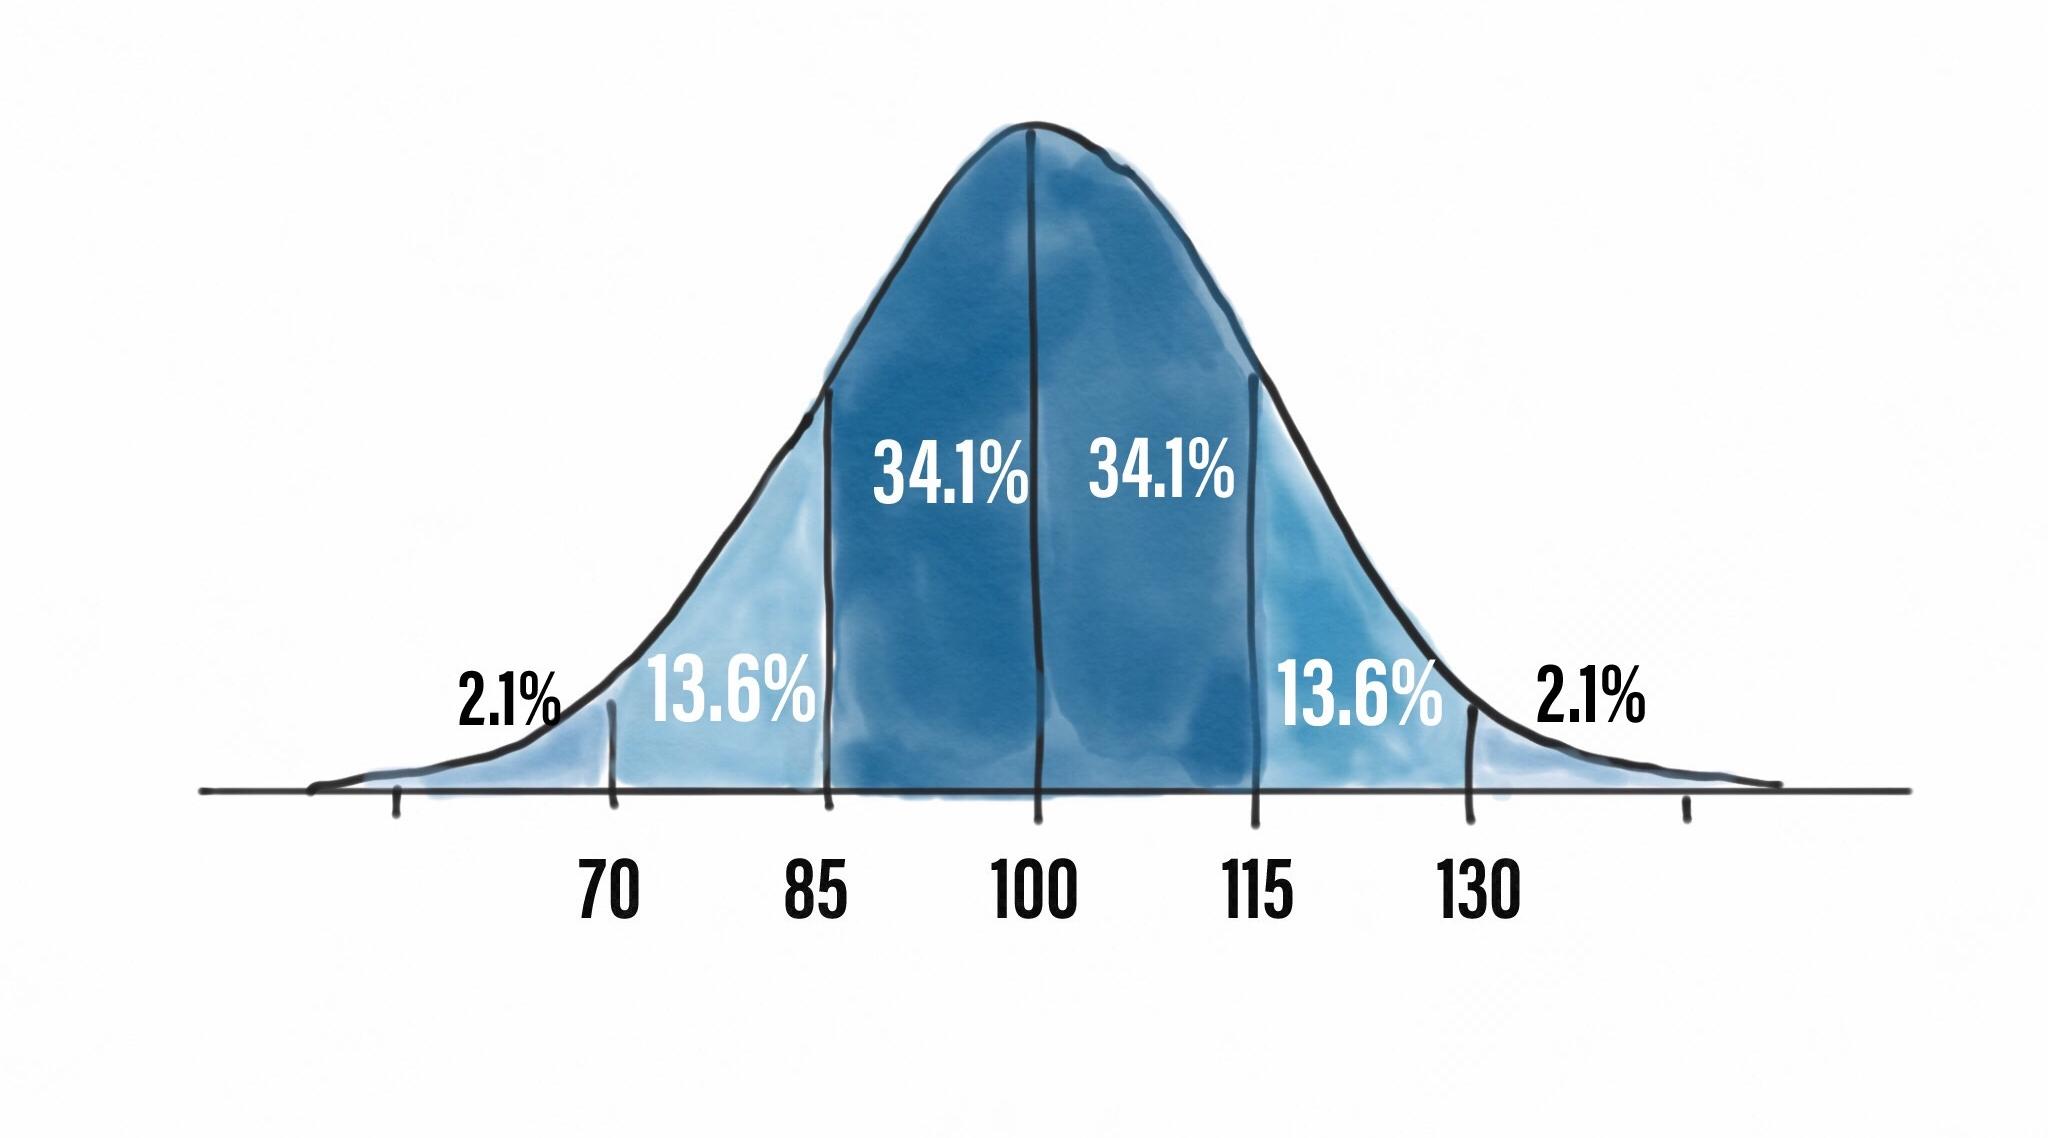 Bild_Statistik.jpeg